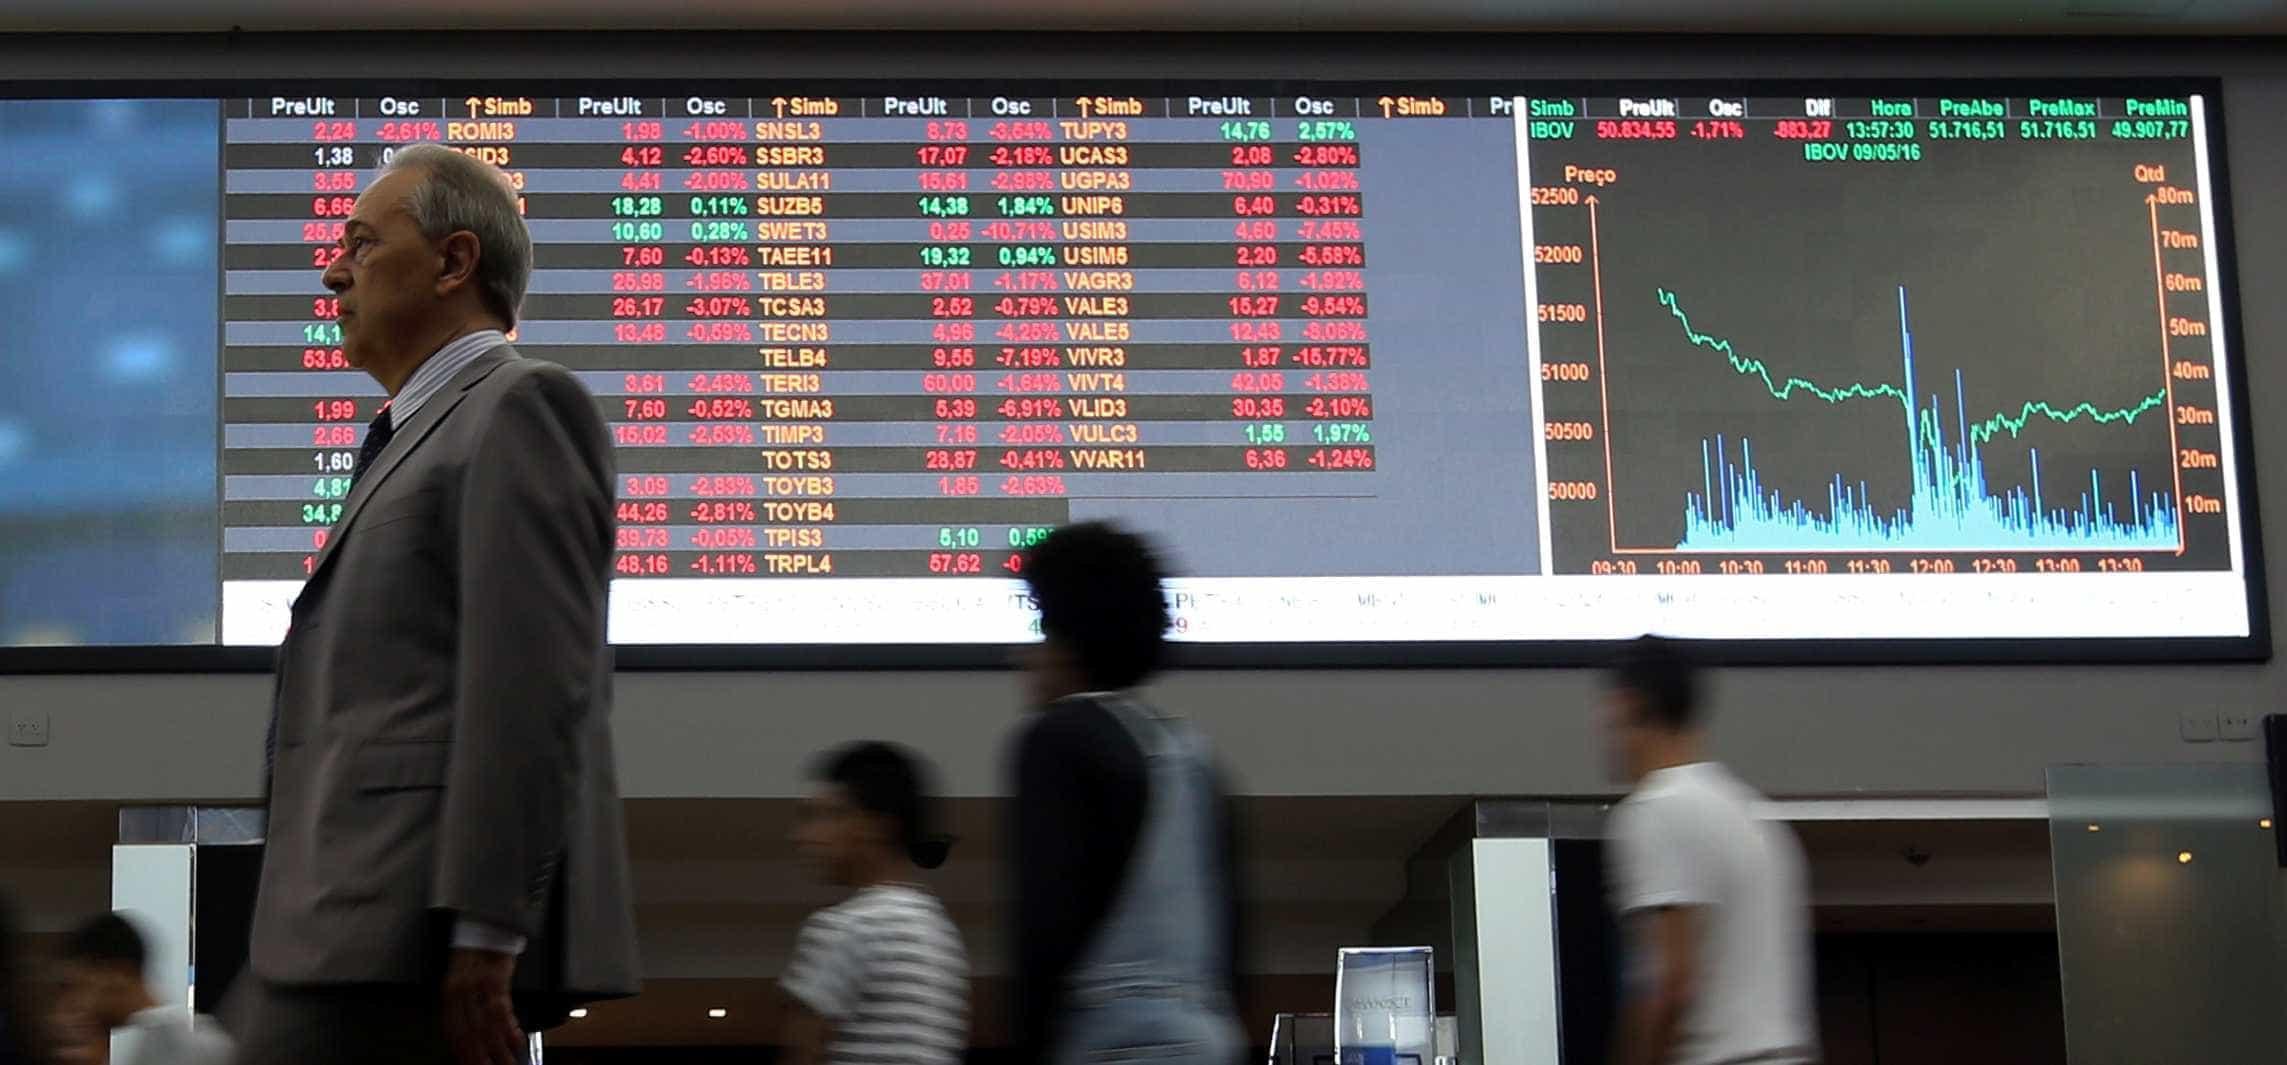 Bolsa sobe 0,3% e renova máxima; dólar cai ao menor nível em 3 meses